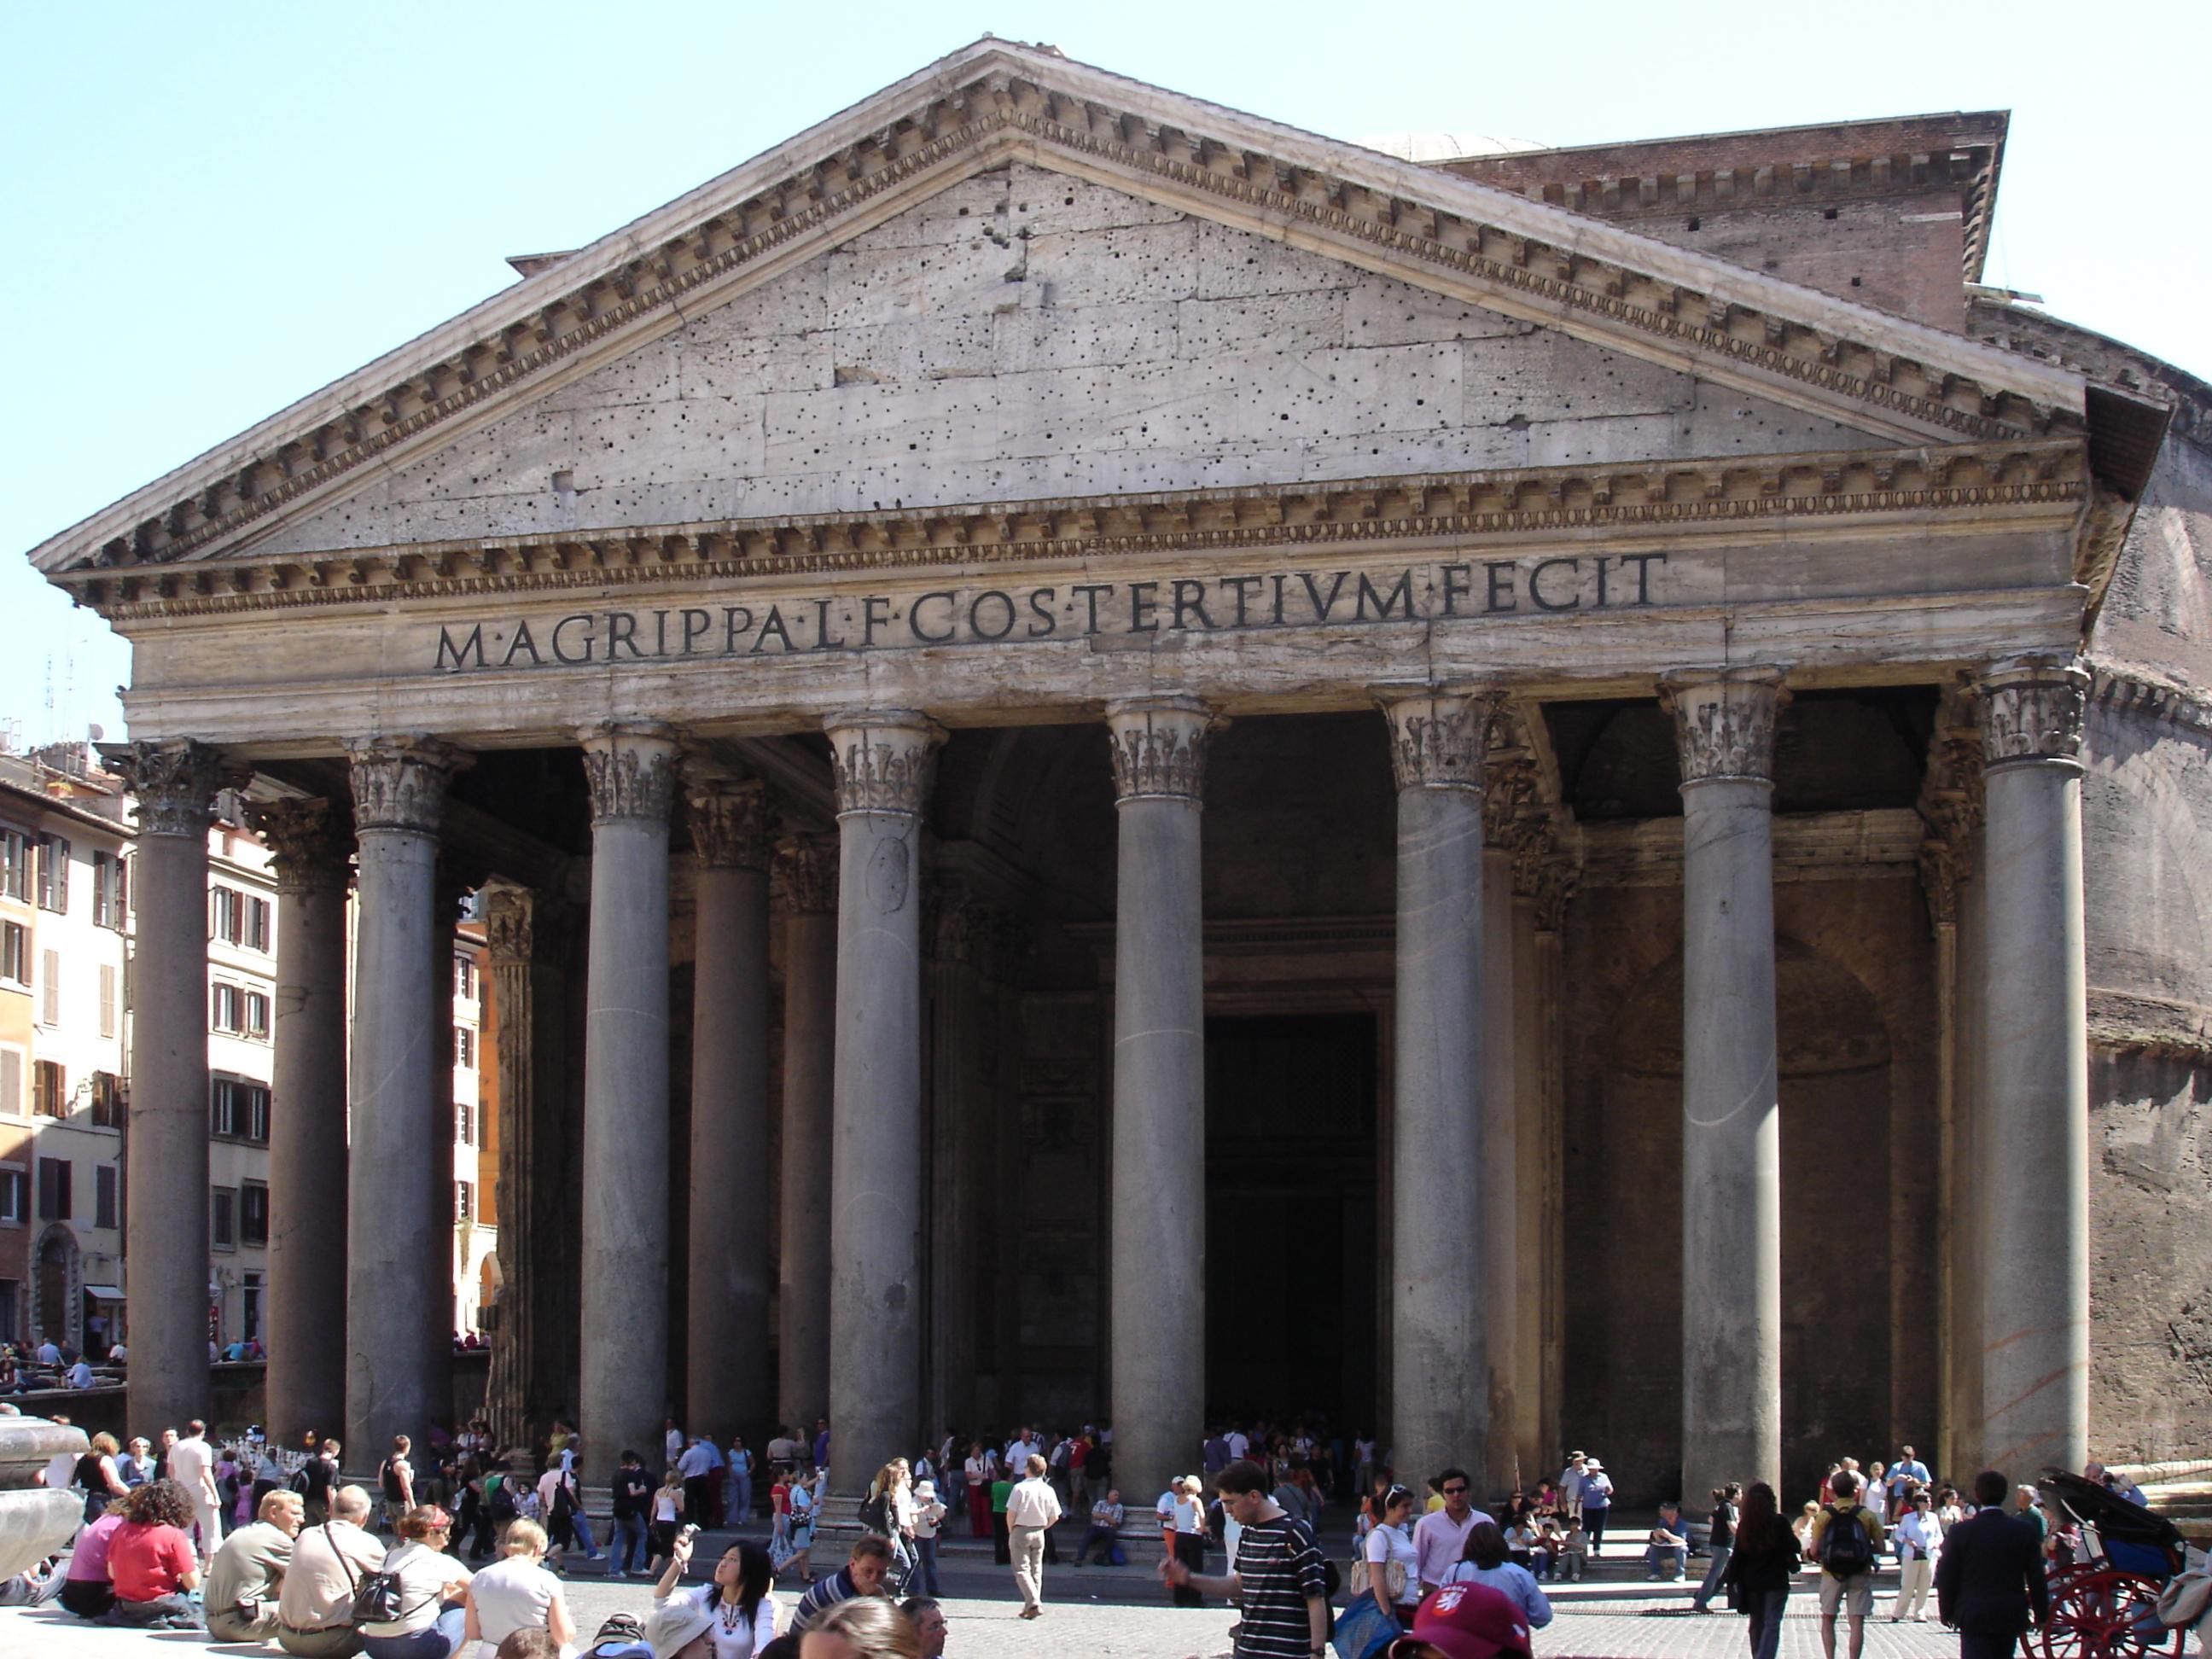 Αρχείο:Pantheon rome 2005may.jpg - Βικιπαίδεια